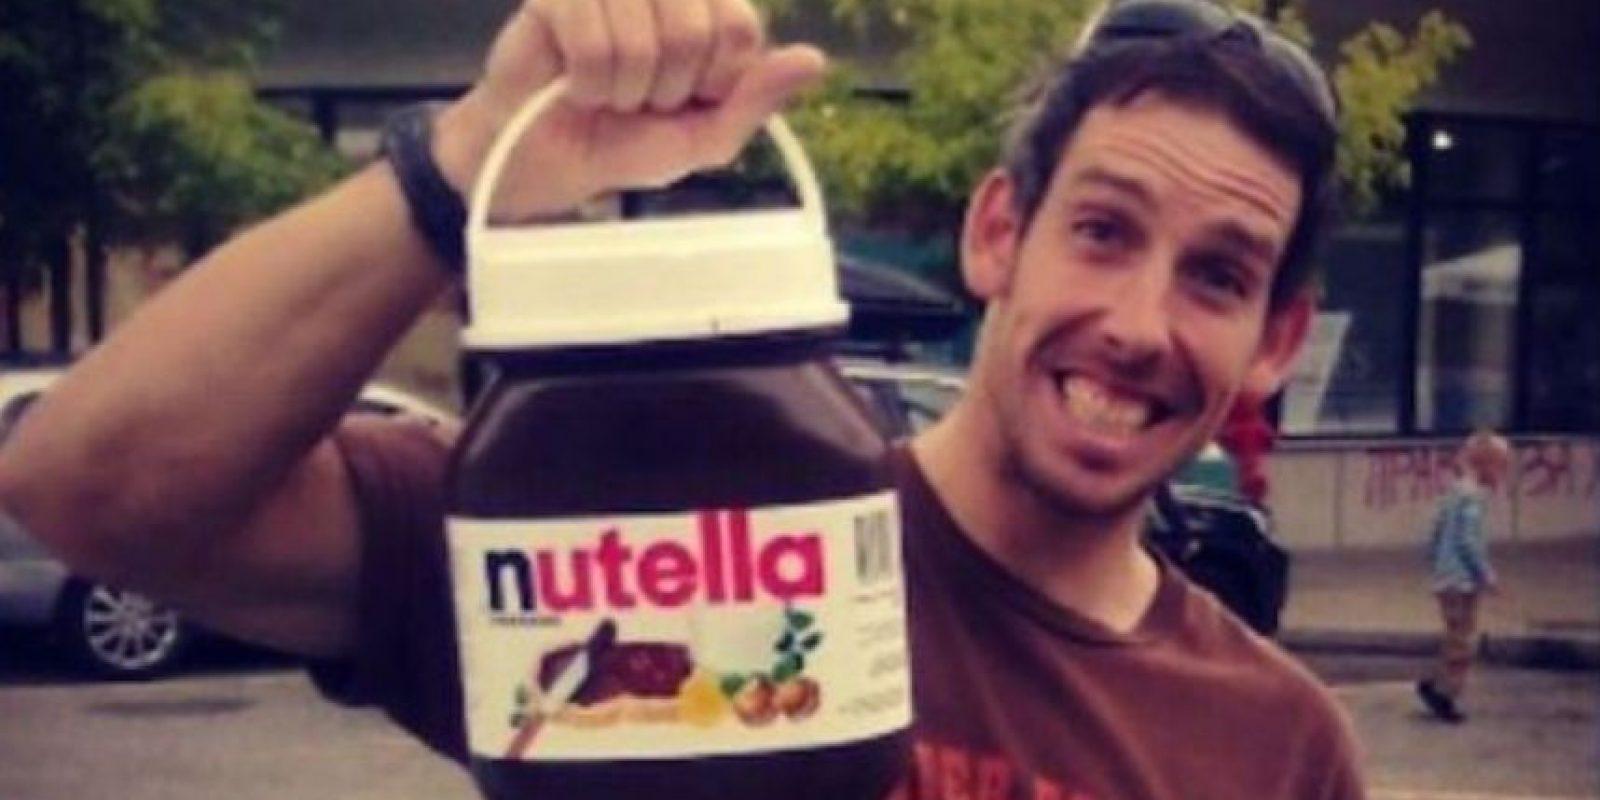 """Corte prohíbe a padres bautizar a su hija con el nombre de """"Nutella"""". Un juzgado en Francia decidió que el nombre """"Nutella"""" era una marca registrada y que era """"contrario a los intereses de una niña usar un nombre que pueda convertirse en motivo de burlas"""". Los hechos sucedieron en enero de 2015. Foto:vía Twitter"""